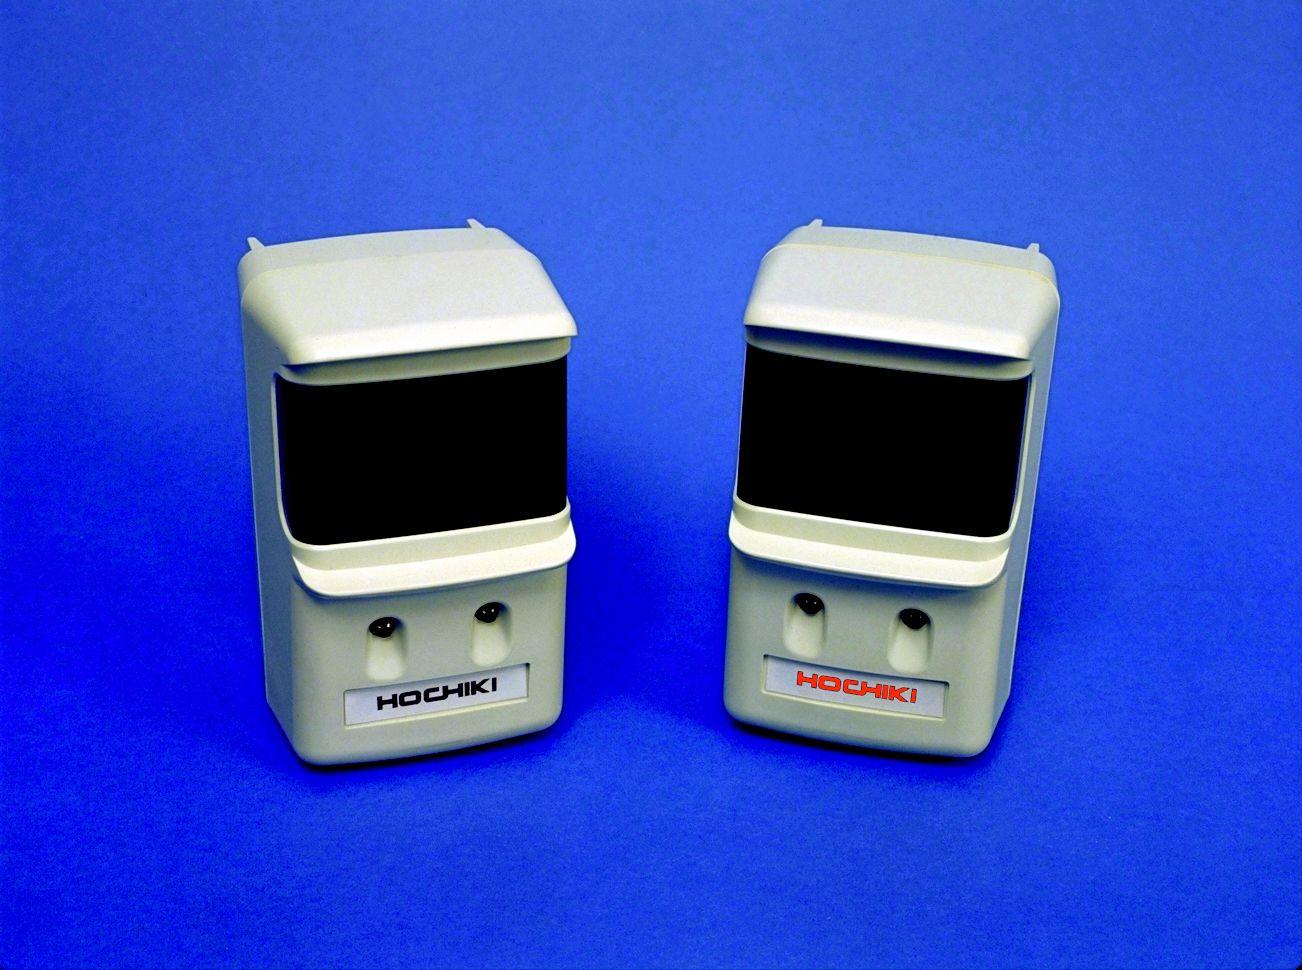 أجهزة الإنذار ضد الحريق Fire Alarm System نظام الإنذار التقليدي Conventional انذار الحريق ا Gaming Products Consoles Electronic Products